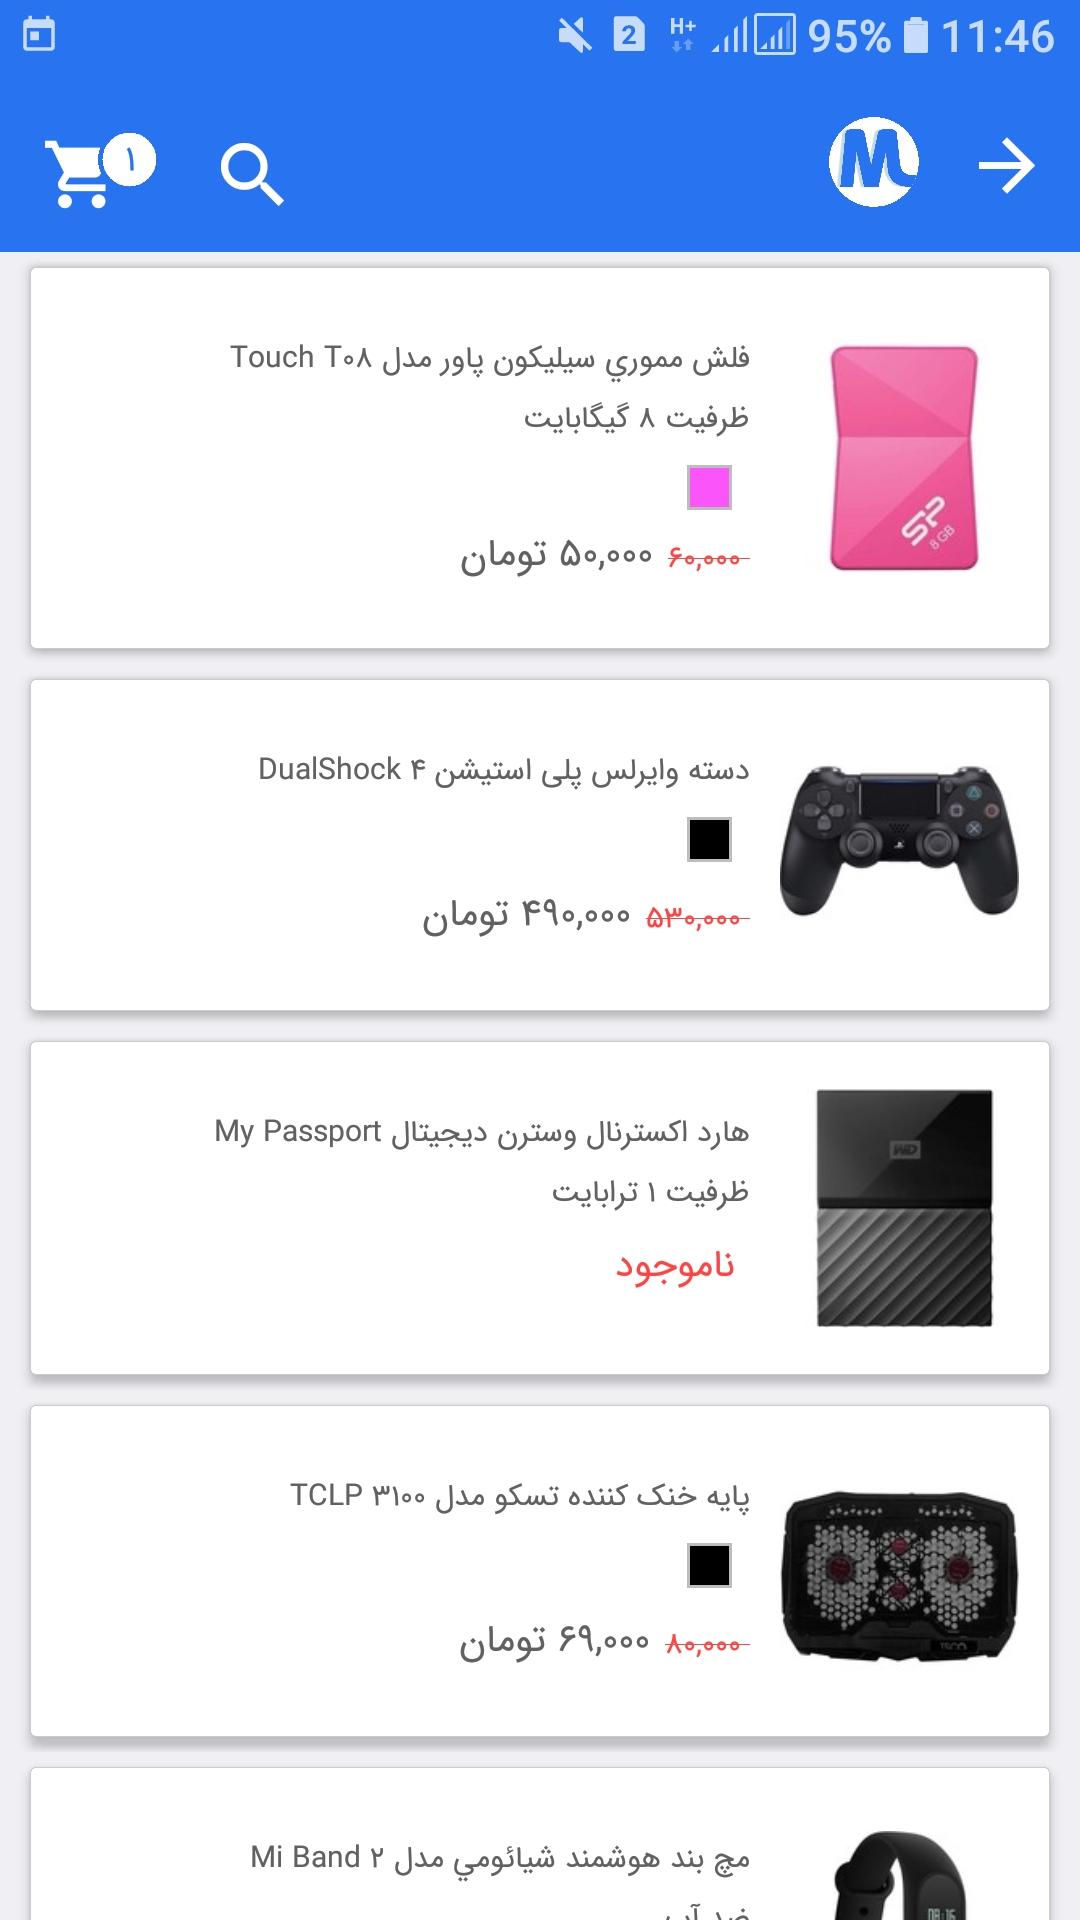 اپلیکیشن های ایرانی توسعه داده شده با react native